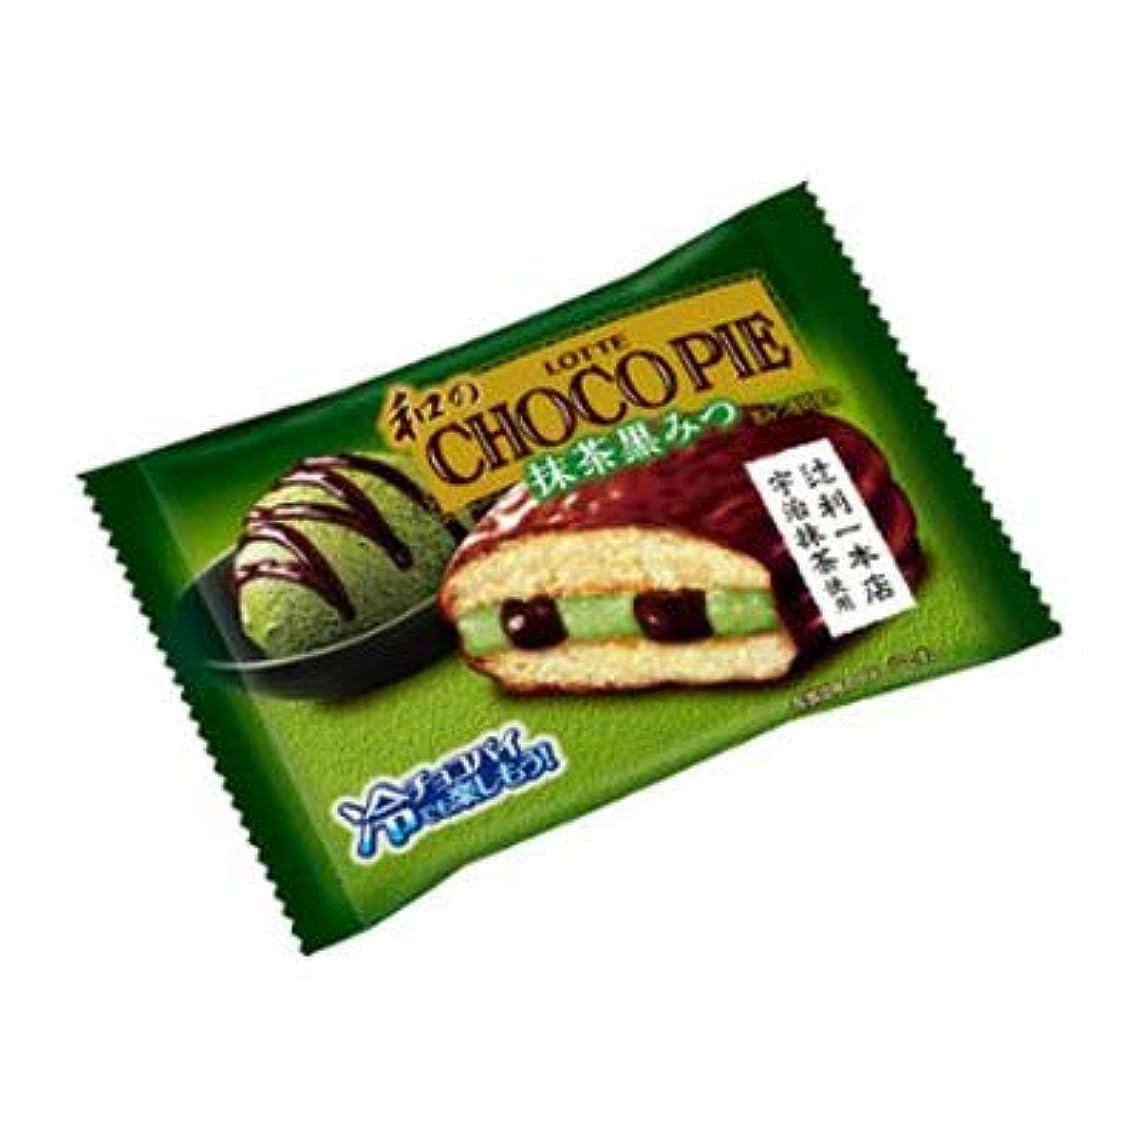 数値脈拍キリンロッテ 和のチョコパイ〈抹茶黒みつ〉個売り 1個 120コ入り